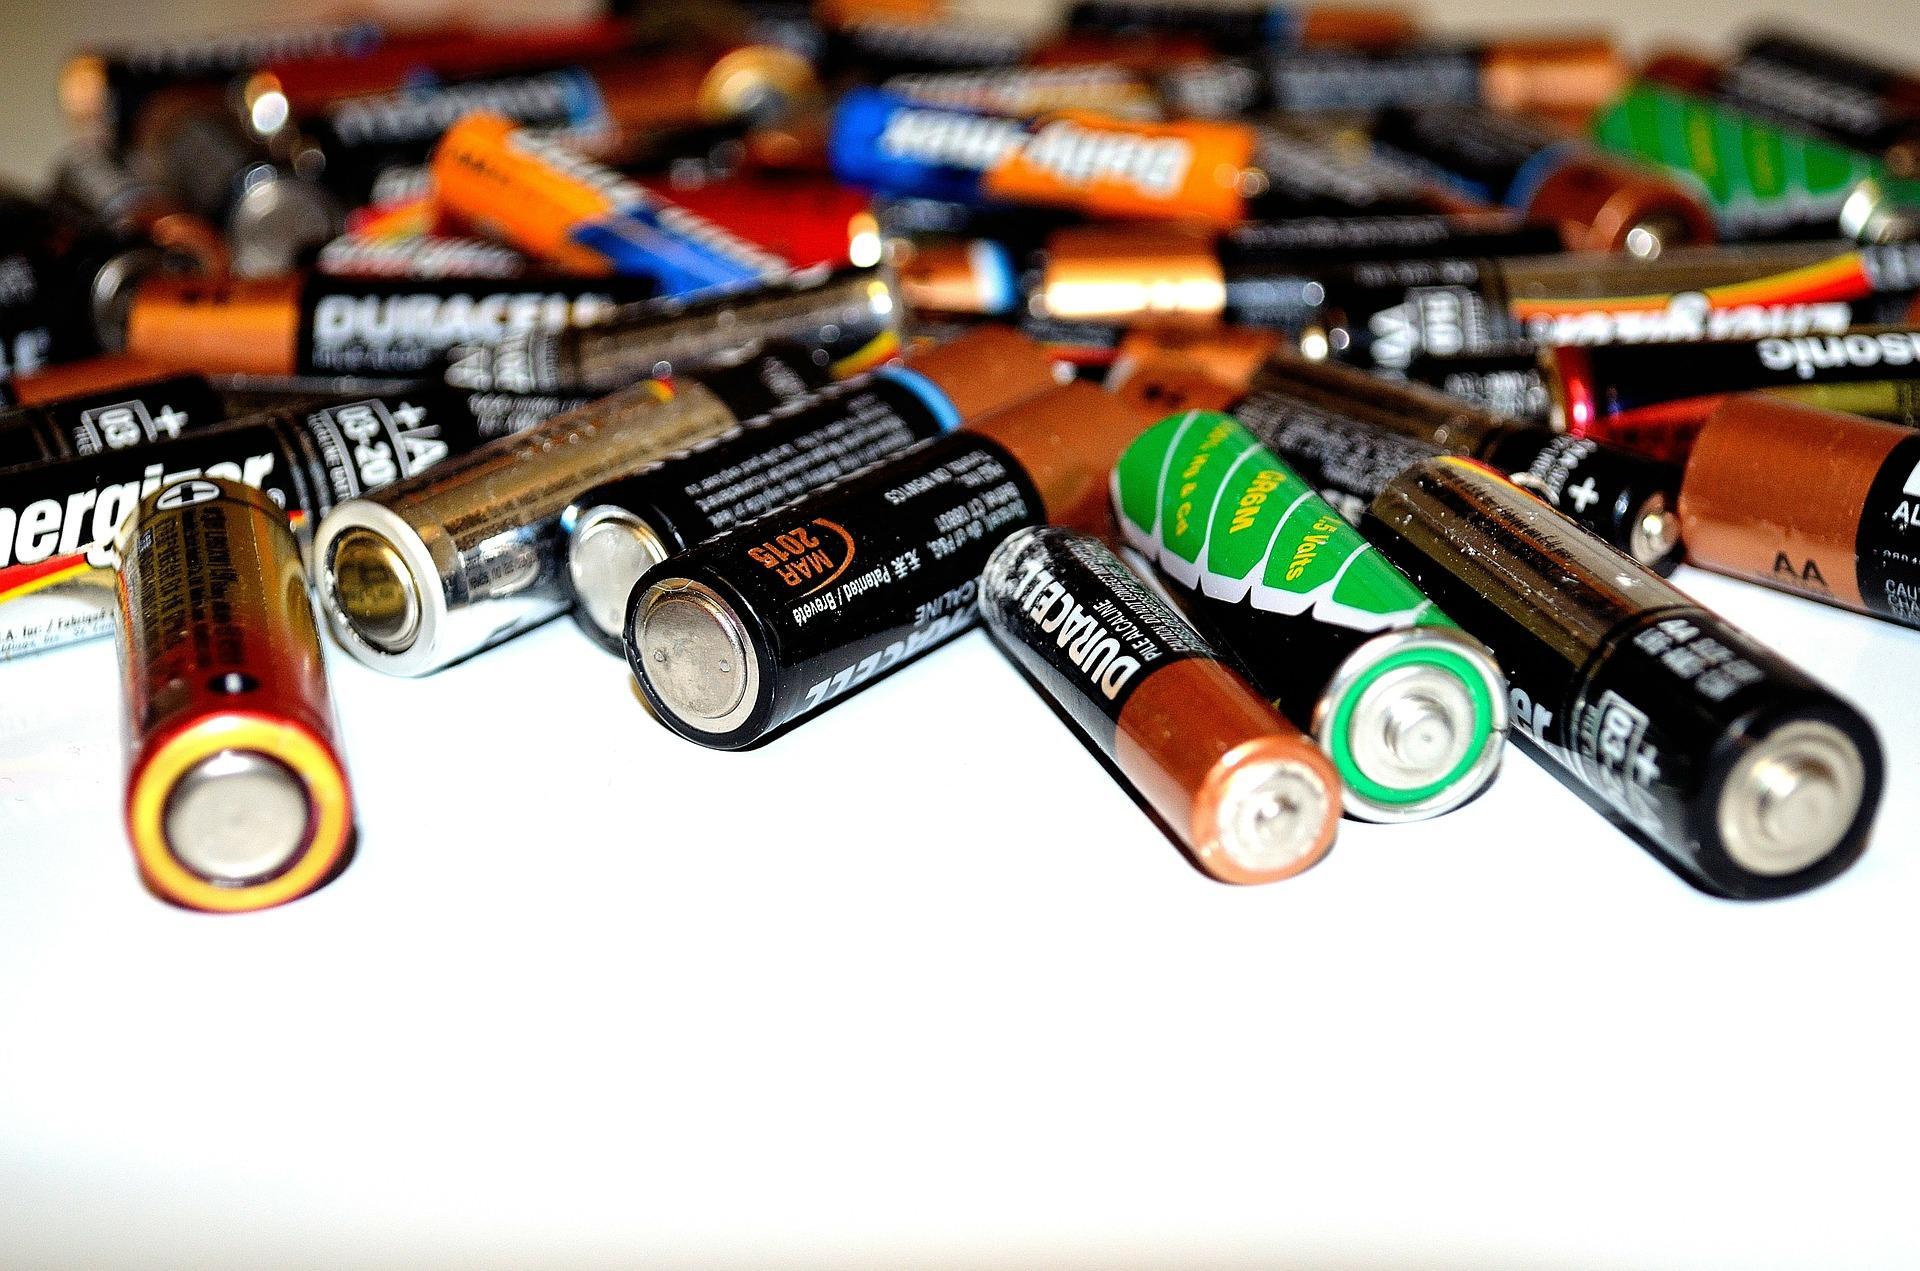 plein de piles symbolisant la collecte pour le recyclage